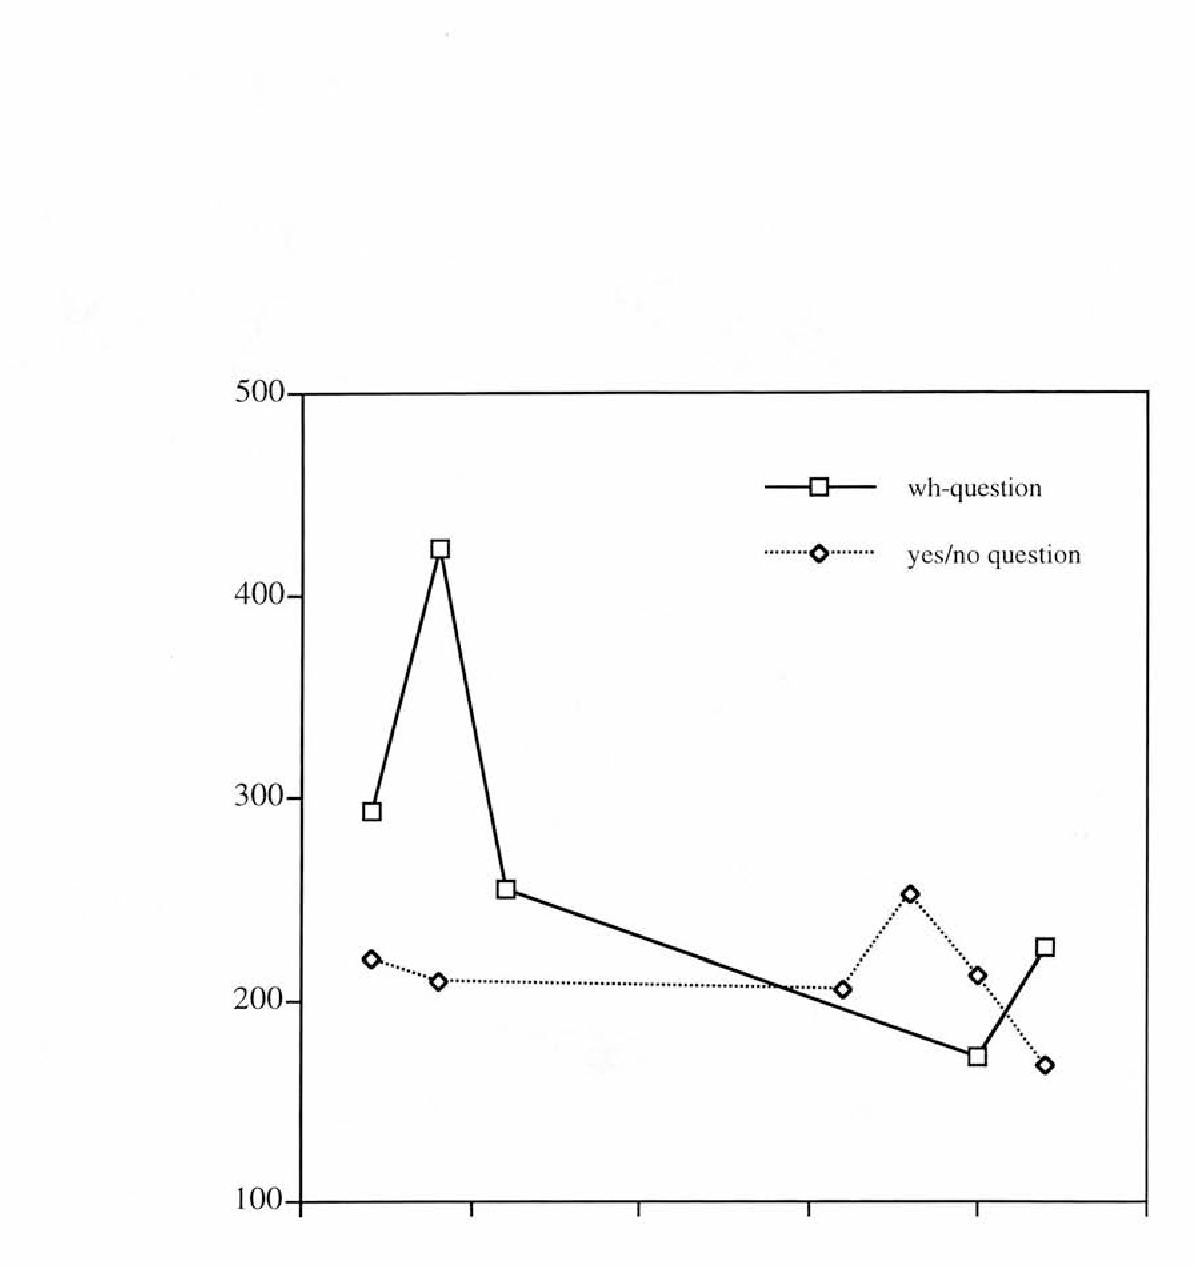 figure D.2